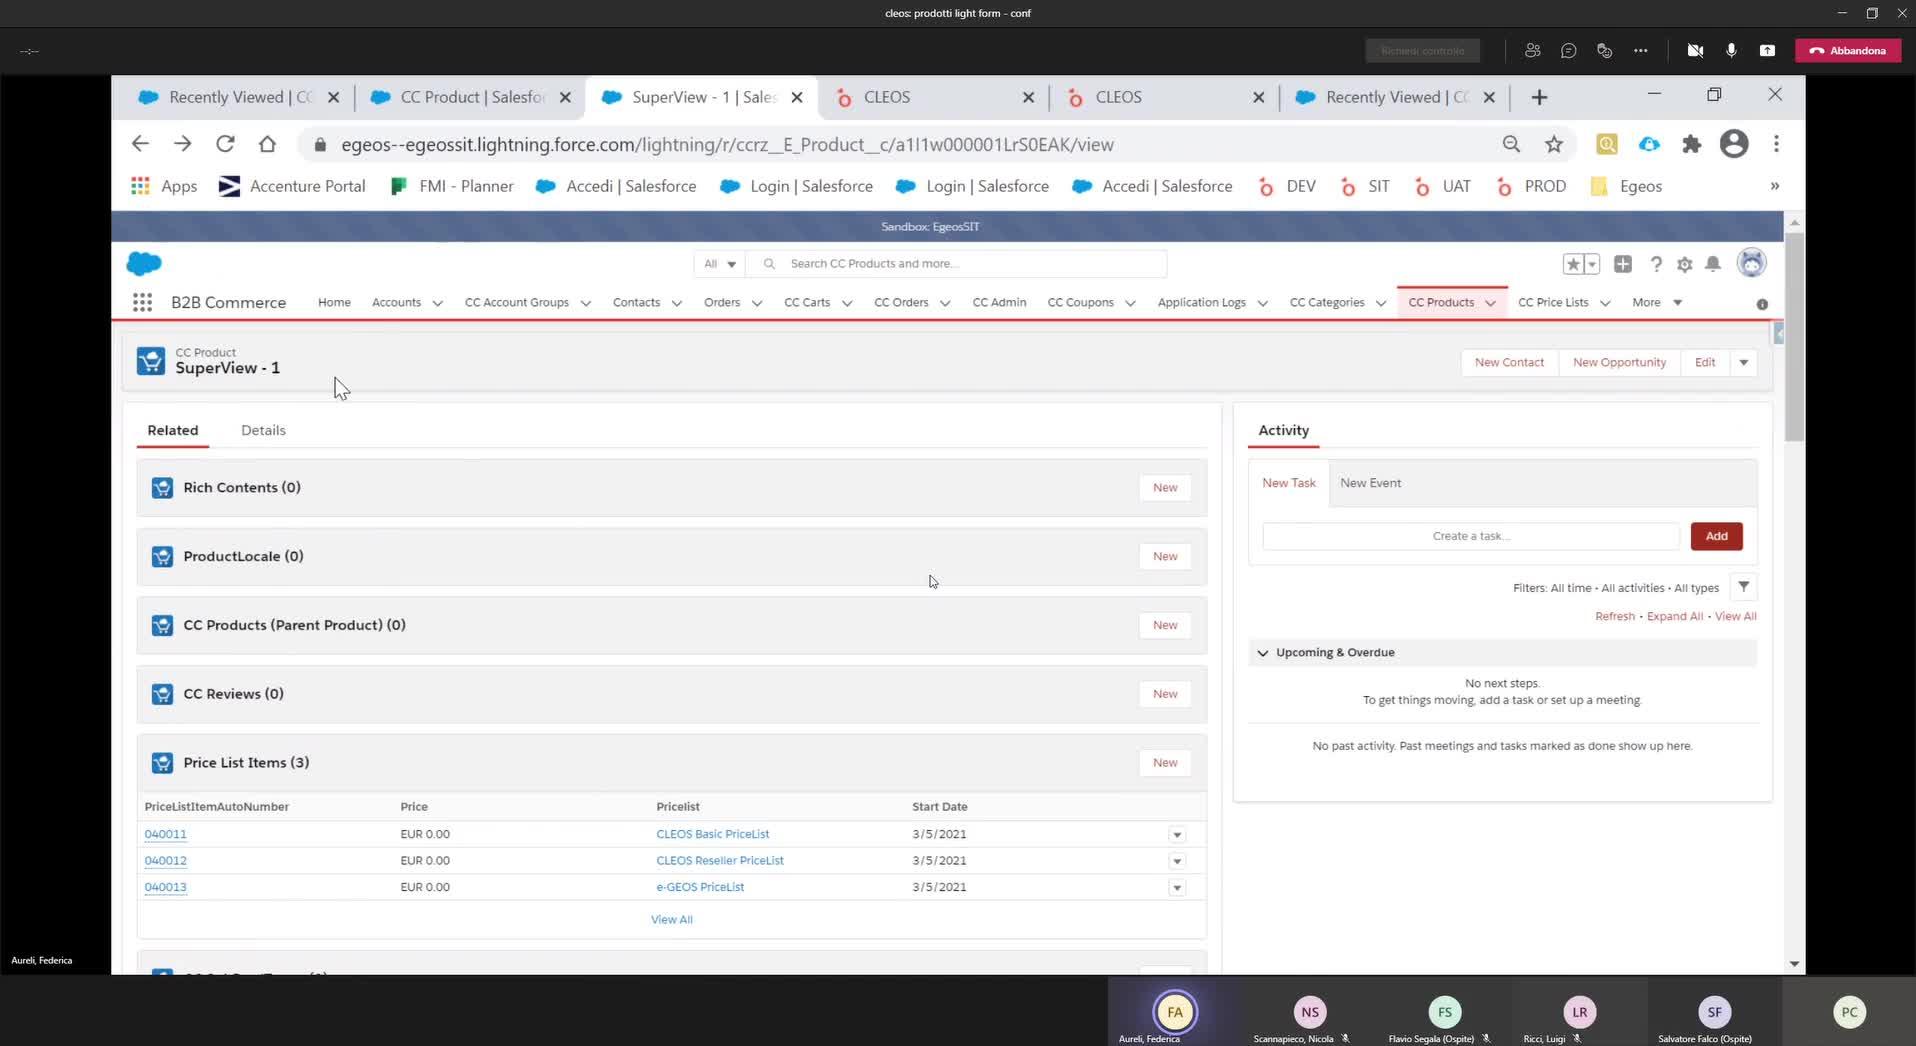 Cleos  Prodotti Light Form - Conf   Microsoft Teams 2021-03-17 17-37-31-1